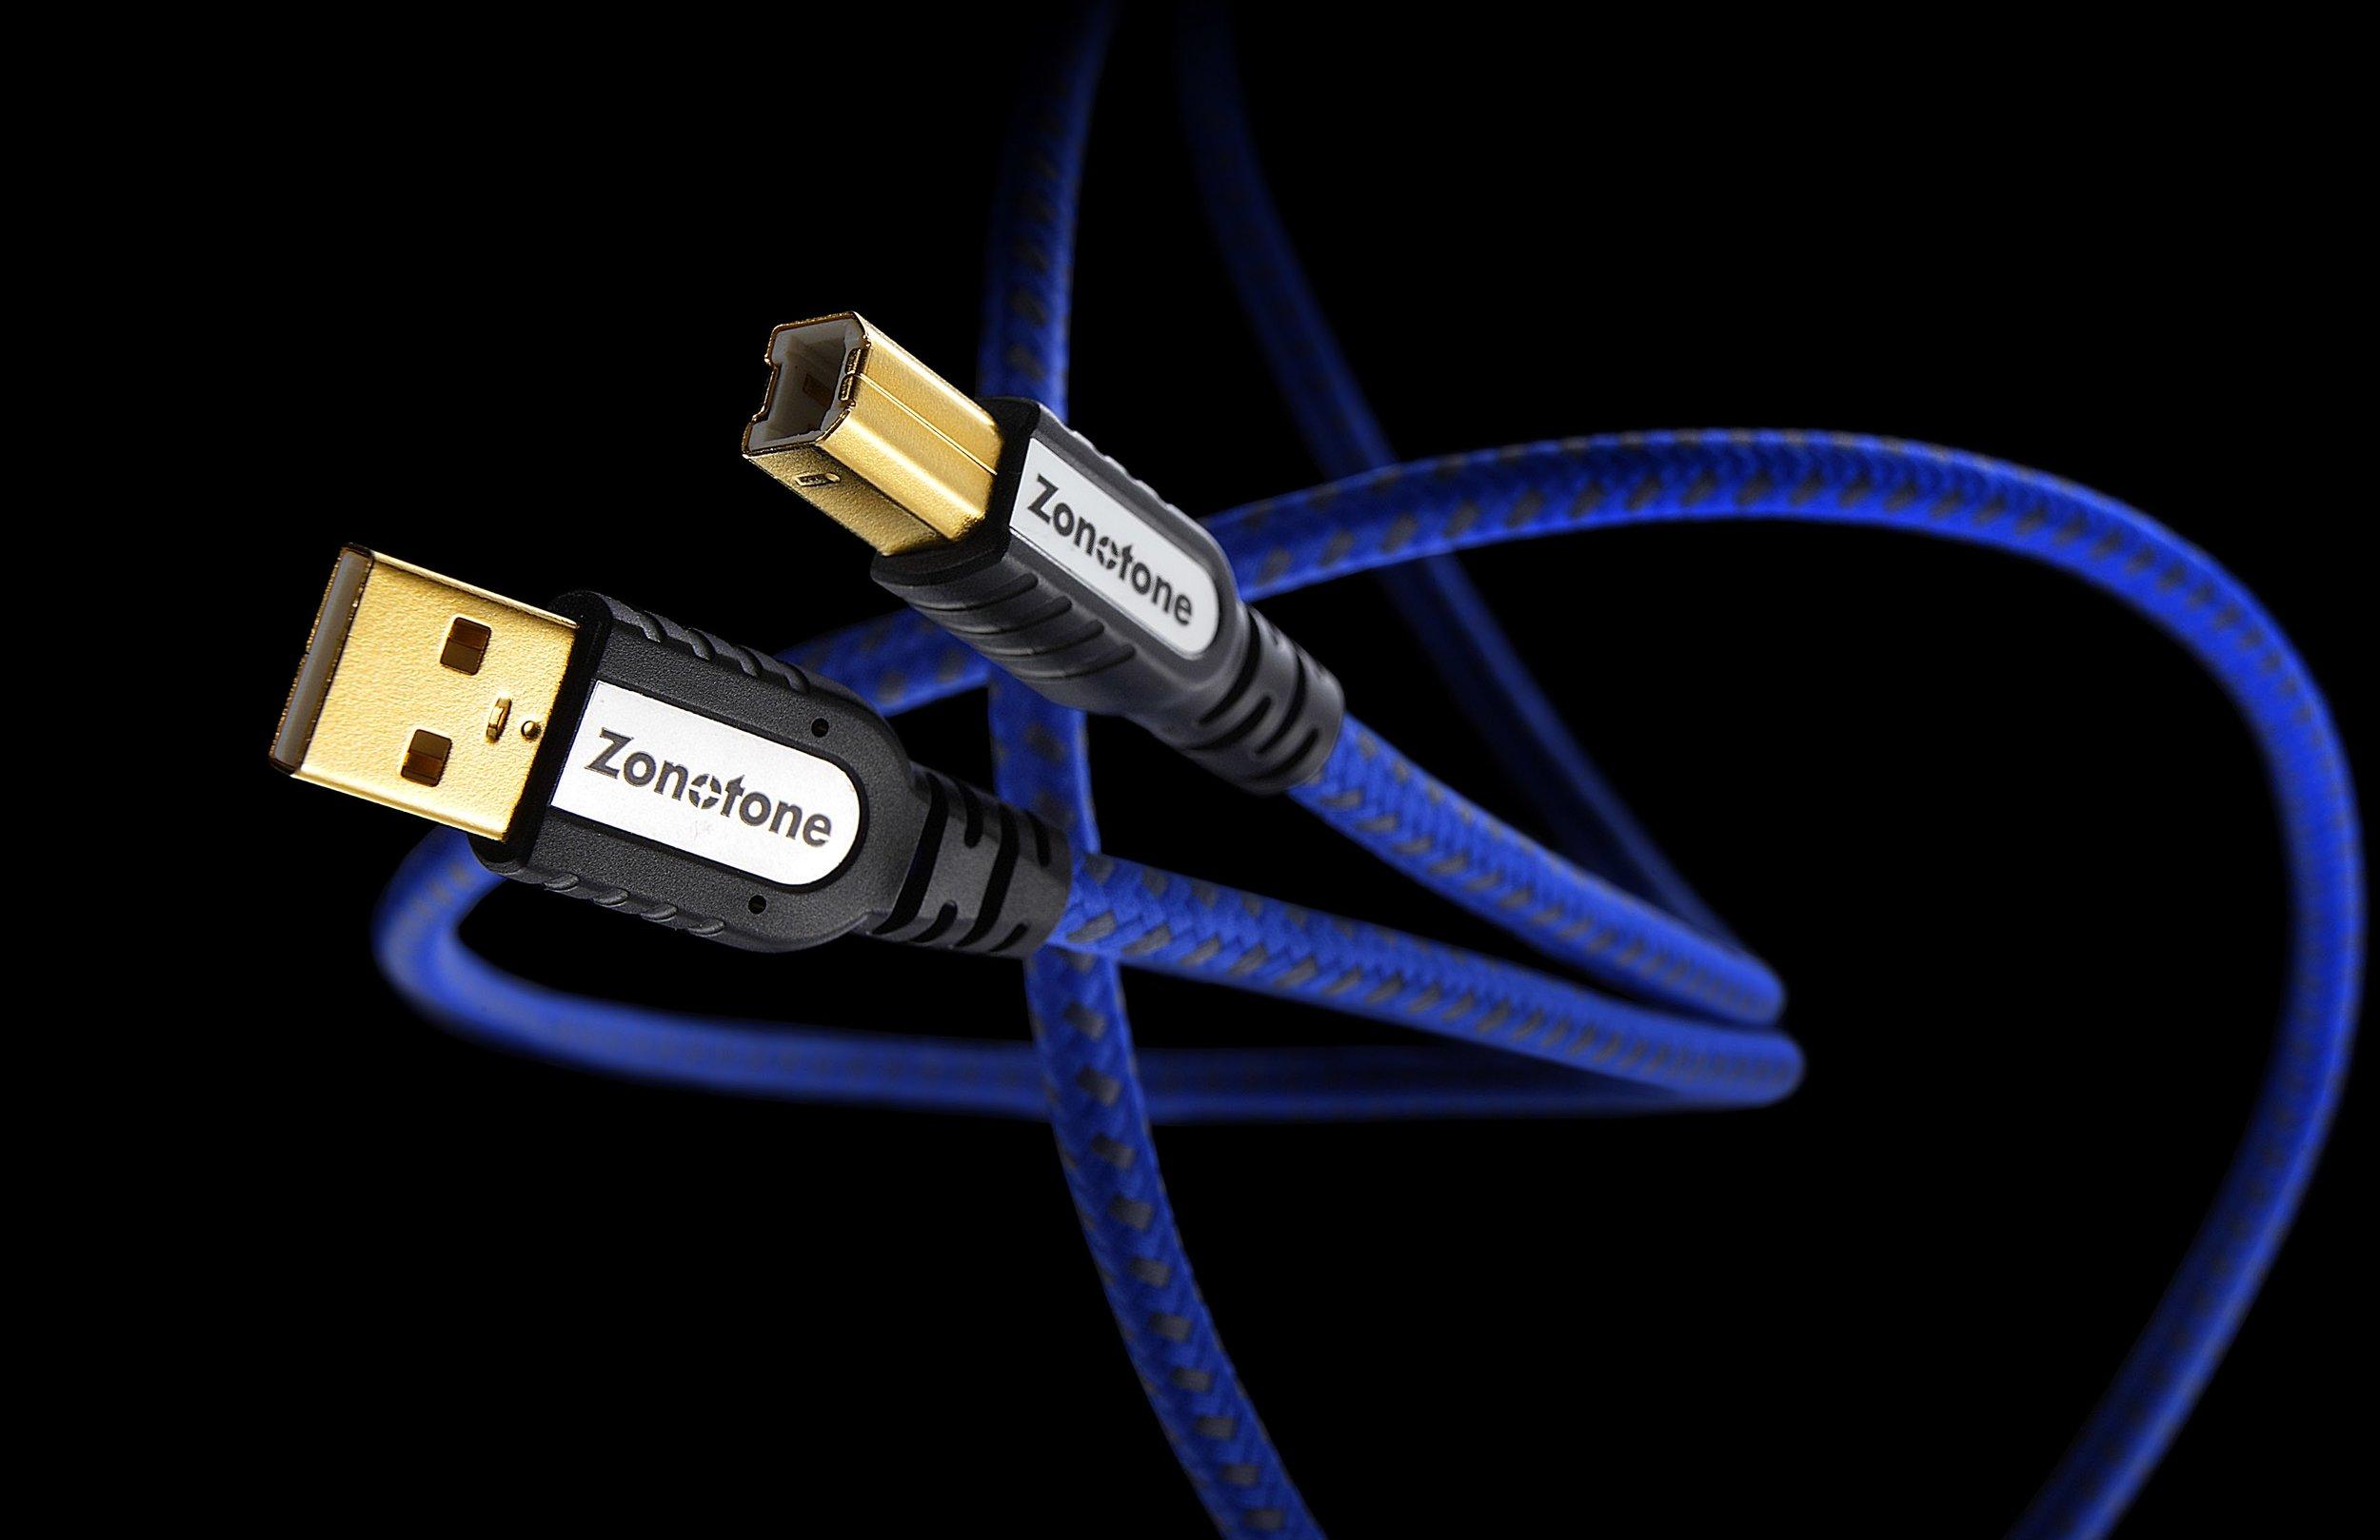 6N USB Grandio 2.0